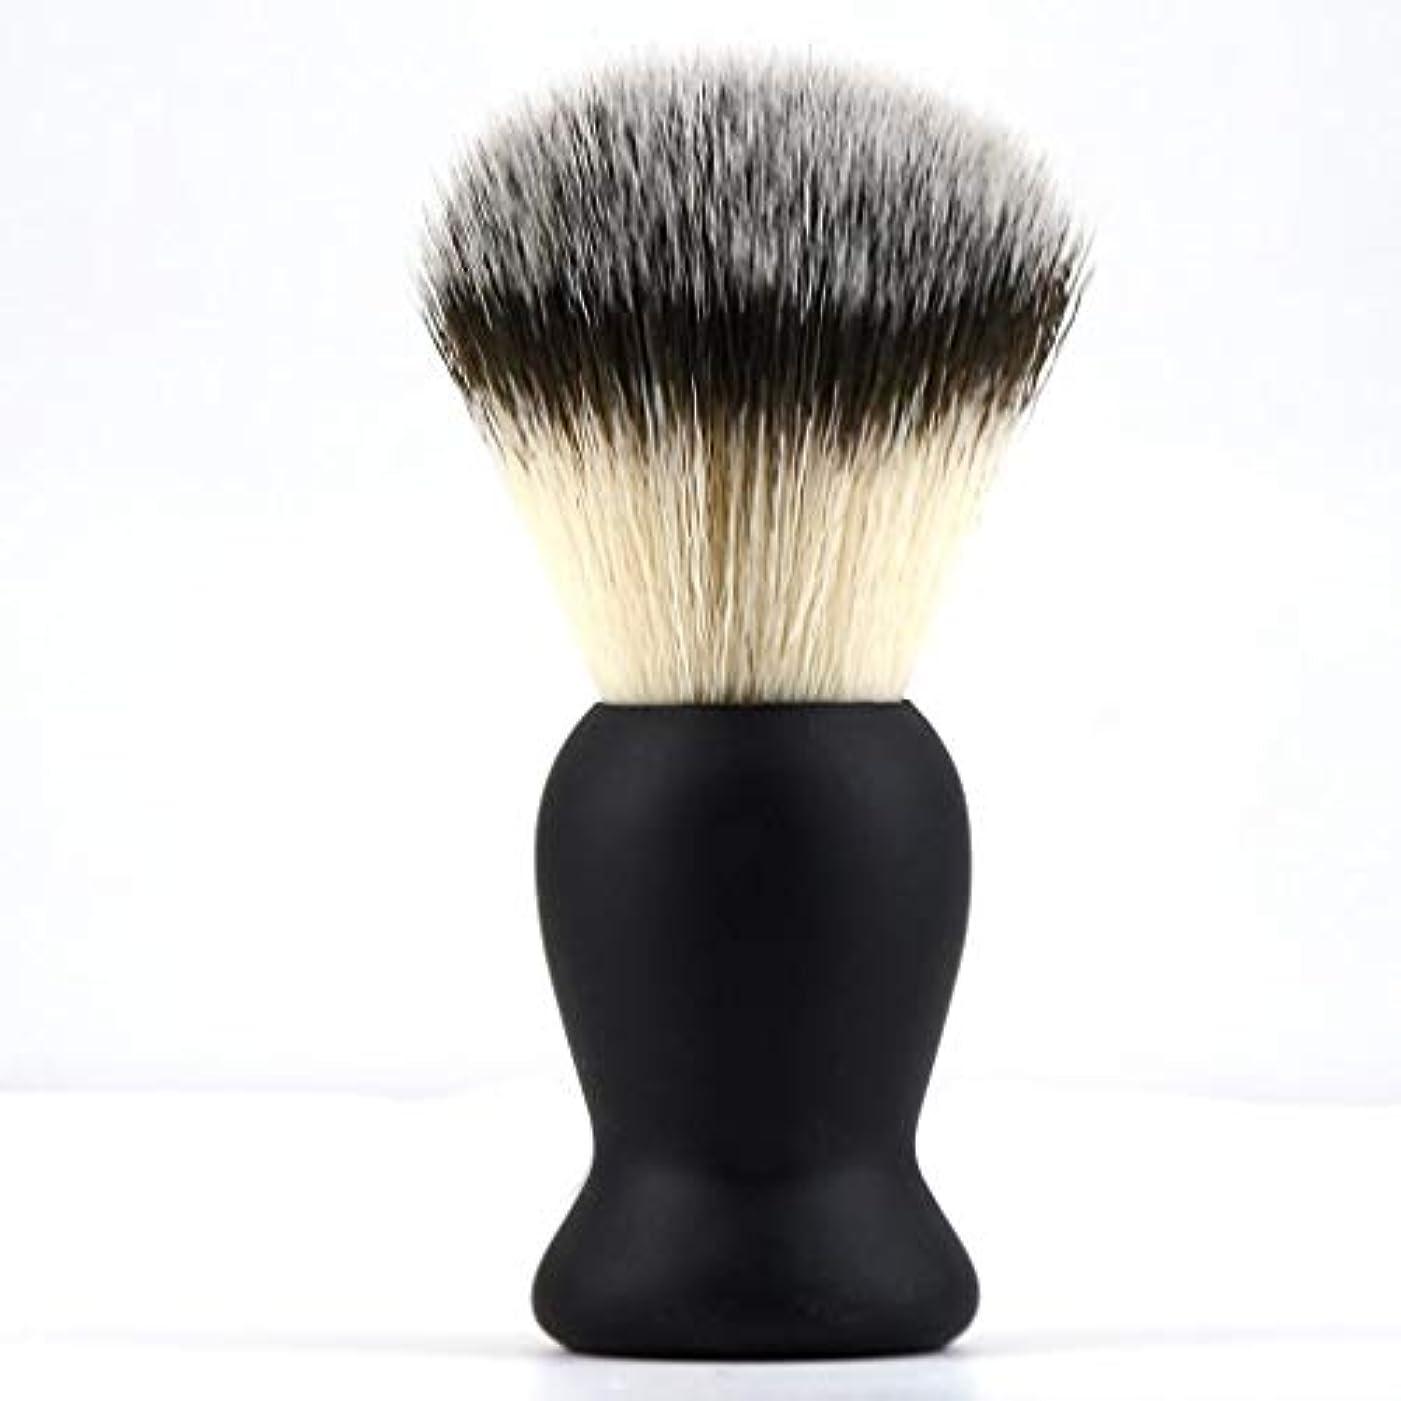 一目暗くするパワーセルHellery 髭剃り ブラシ シェービングブラシ ひげブラシ サロン ナイロン毛 柔らかい ひげ剃り 理容 便携